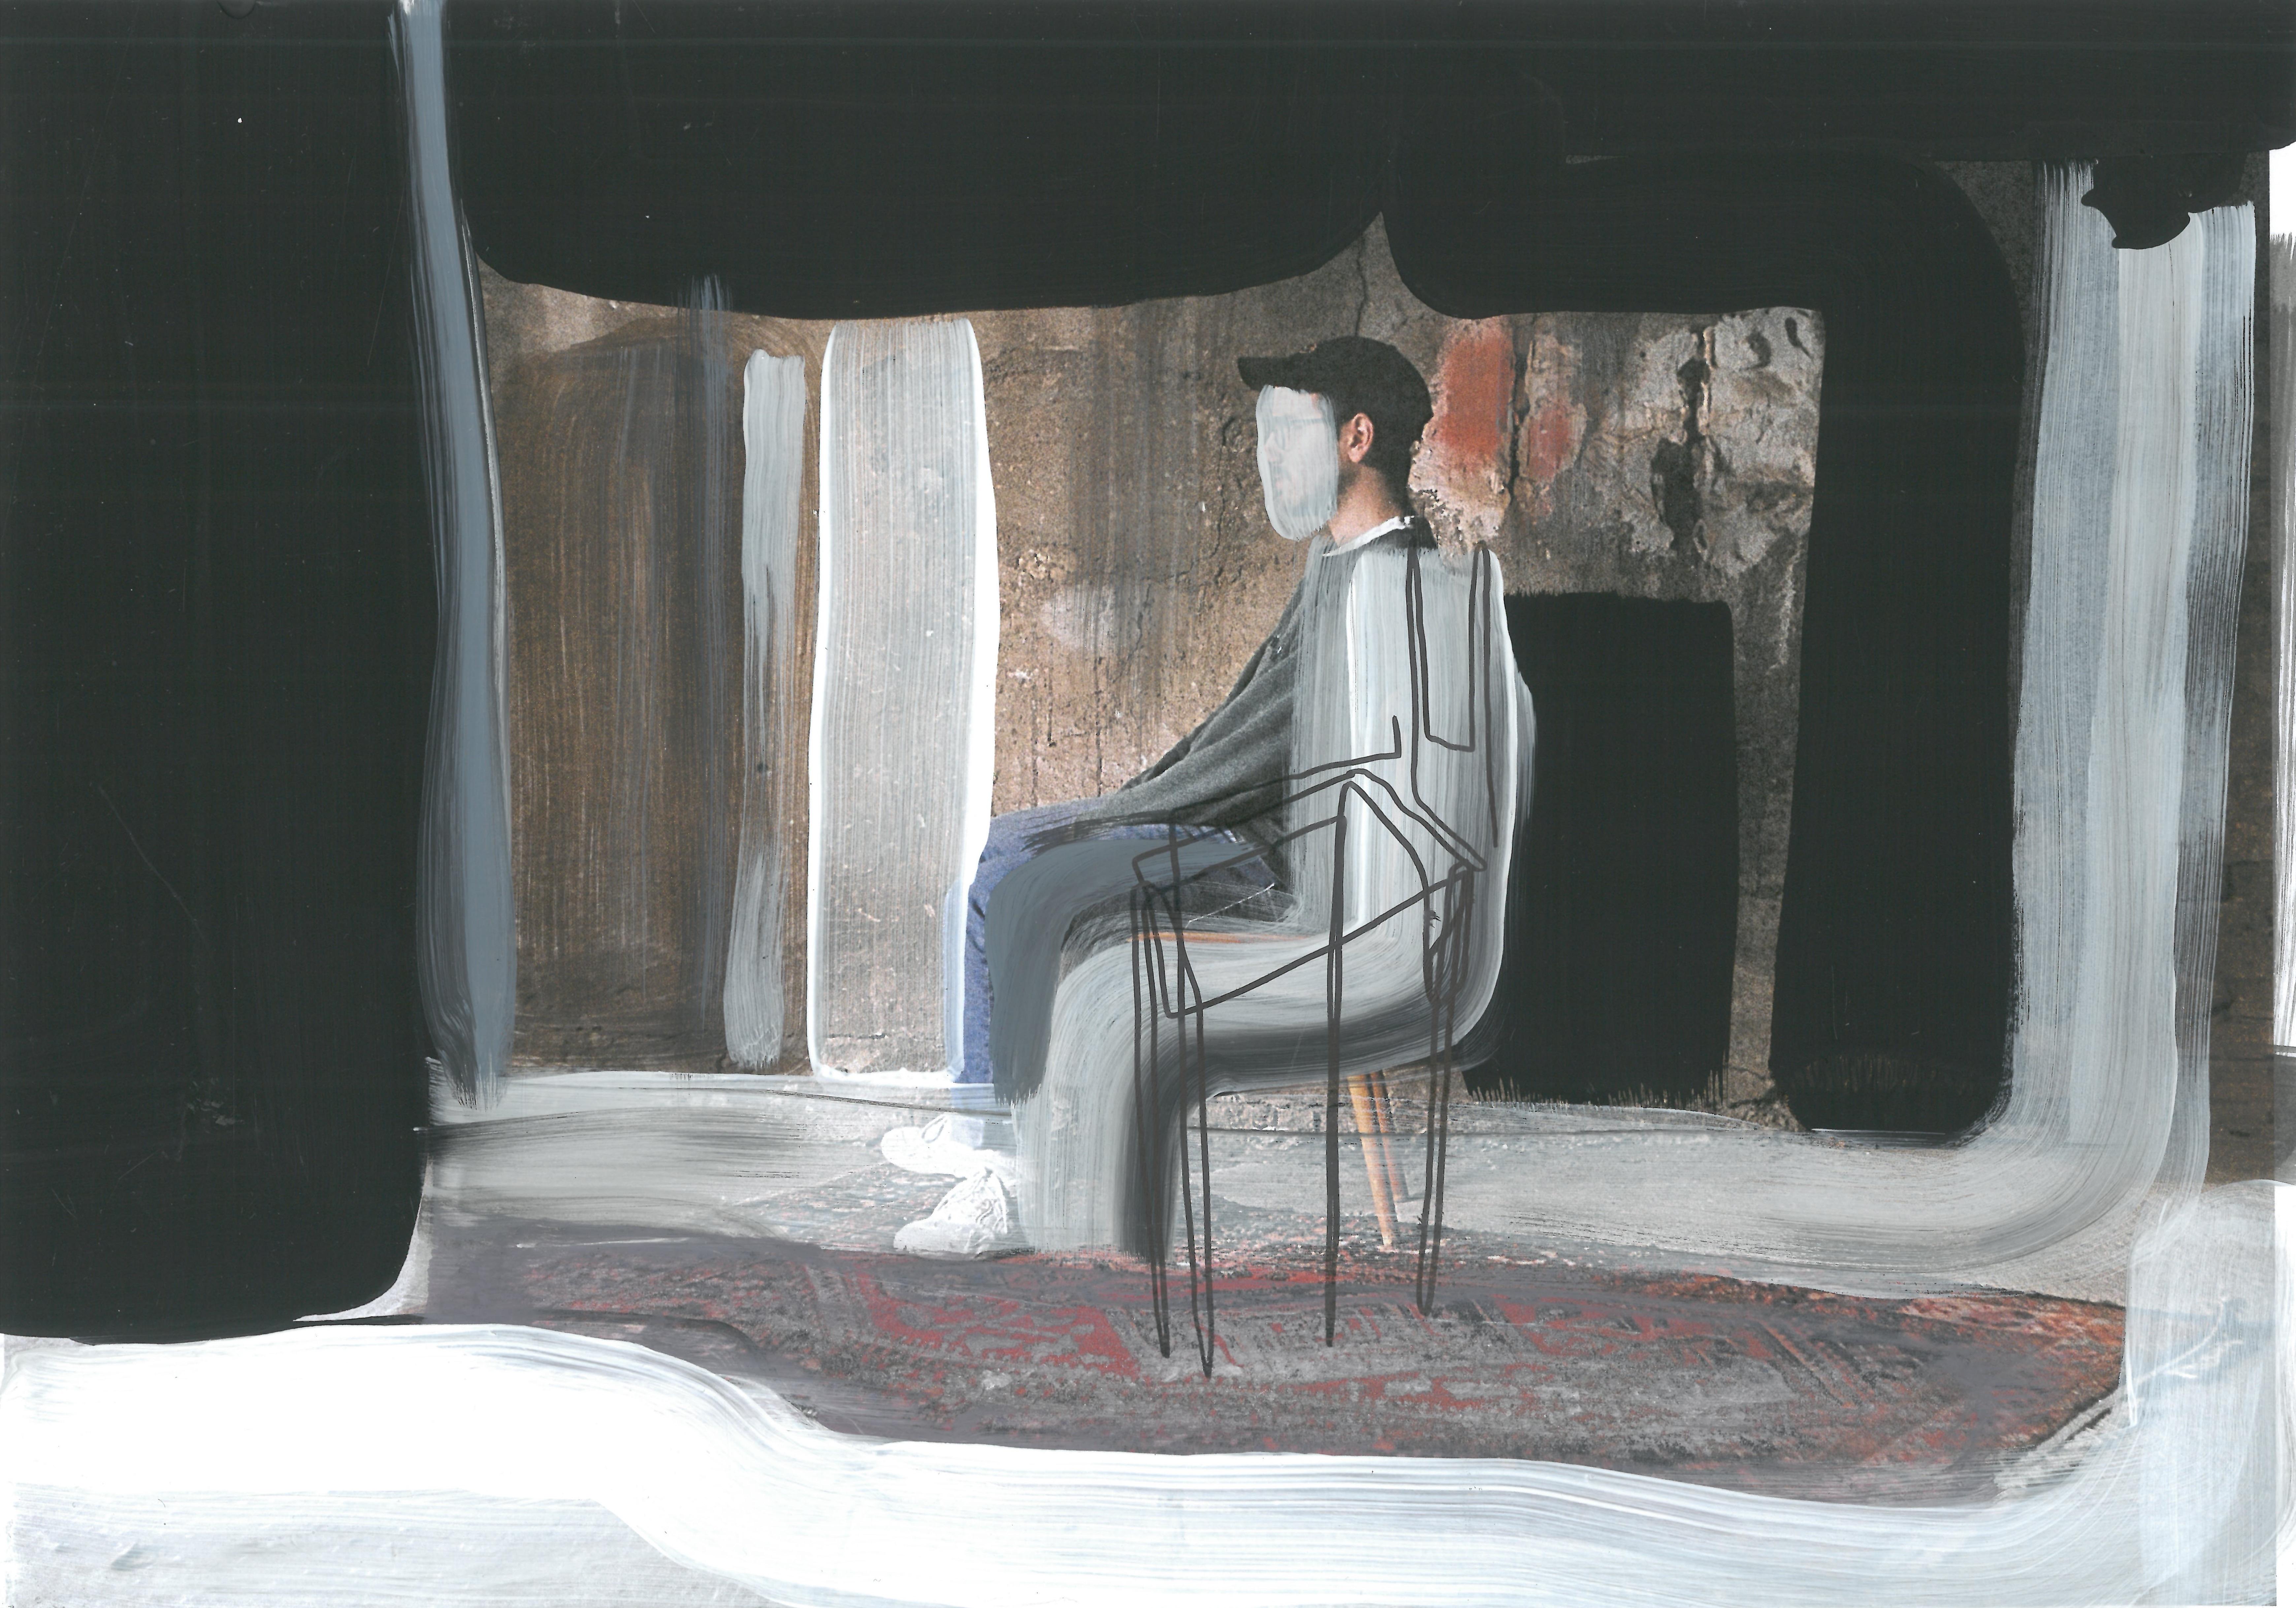 Zinnschauer, Das Zimmer mit dem doppelten Bestand, Review, neues Album